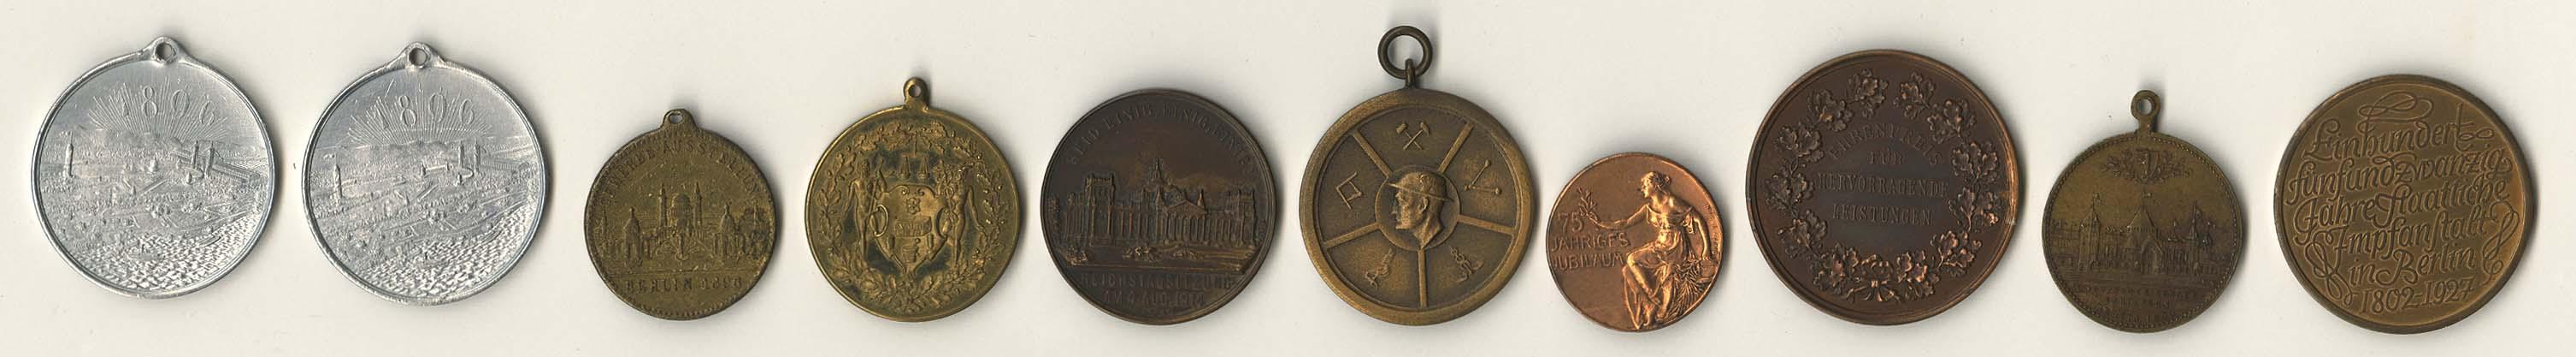 Lot 2678 - Sammlungen Medaillen Deutschland S -  Auktionshaus Ulrich Felzmann GmbH & Co. KG Auction 169